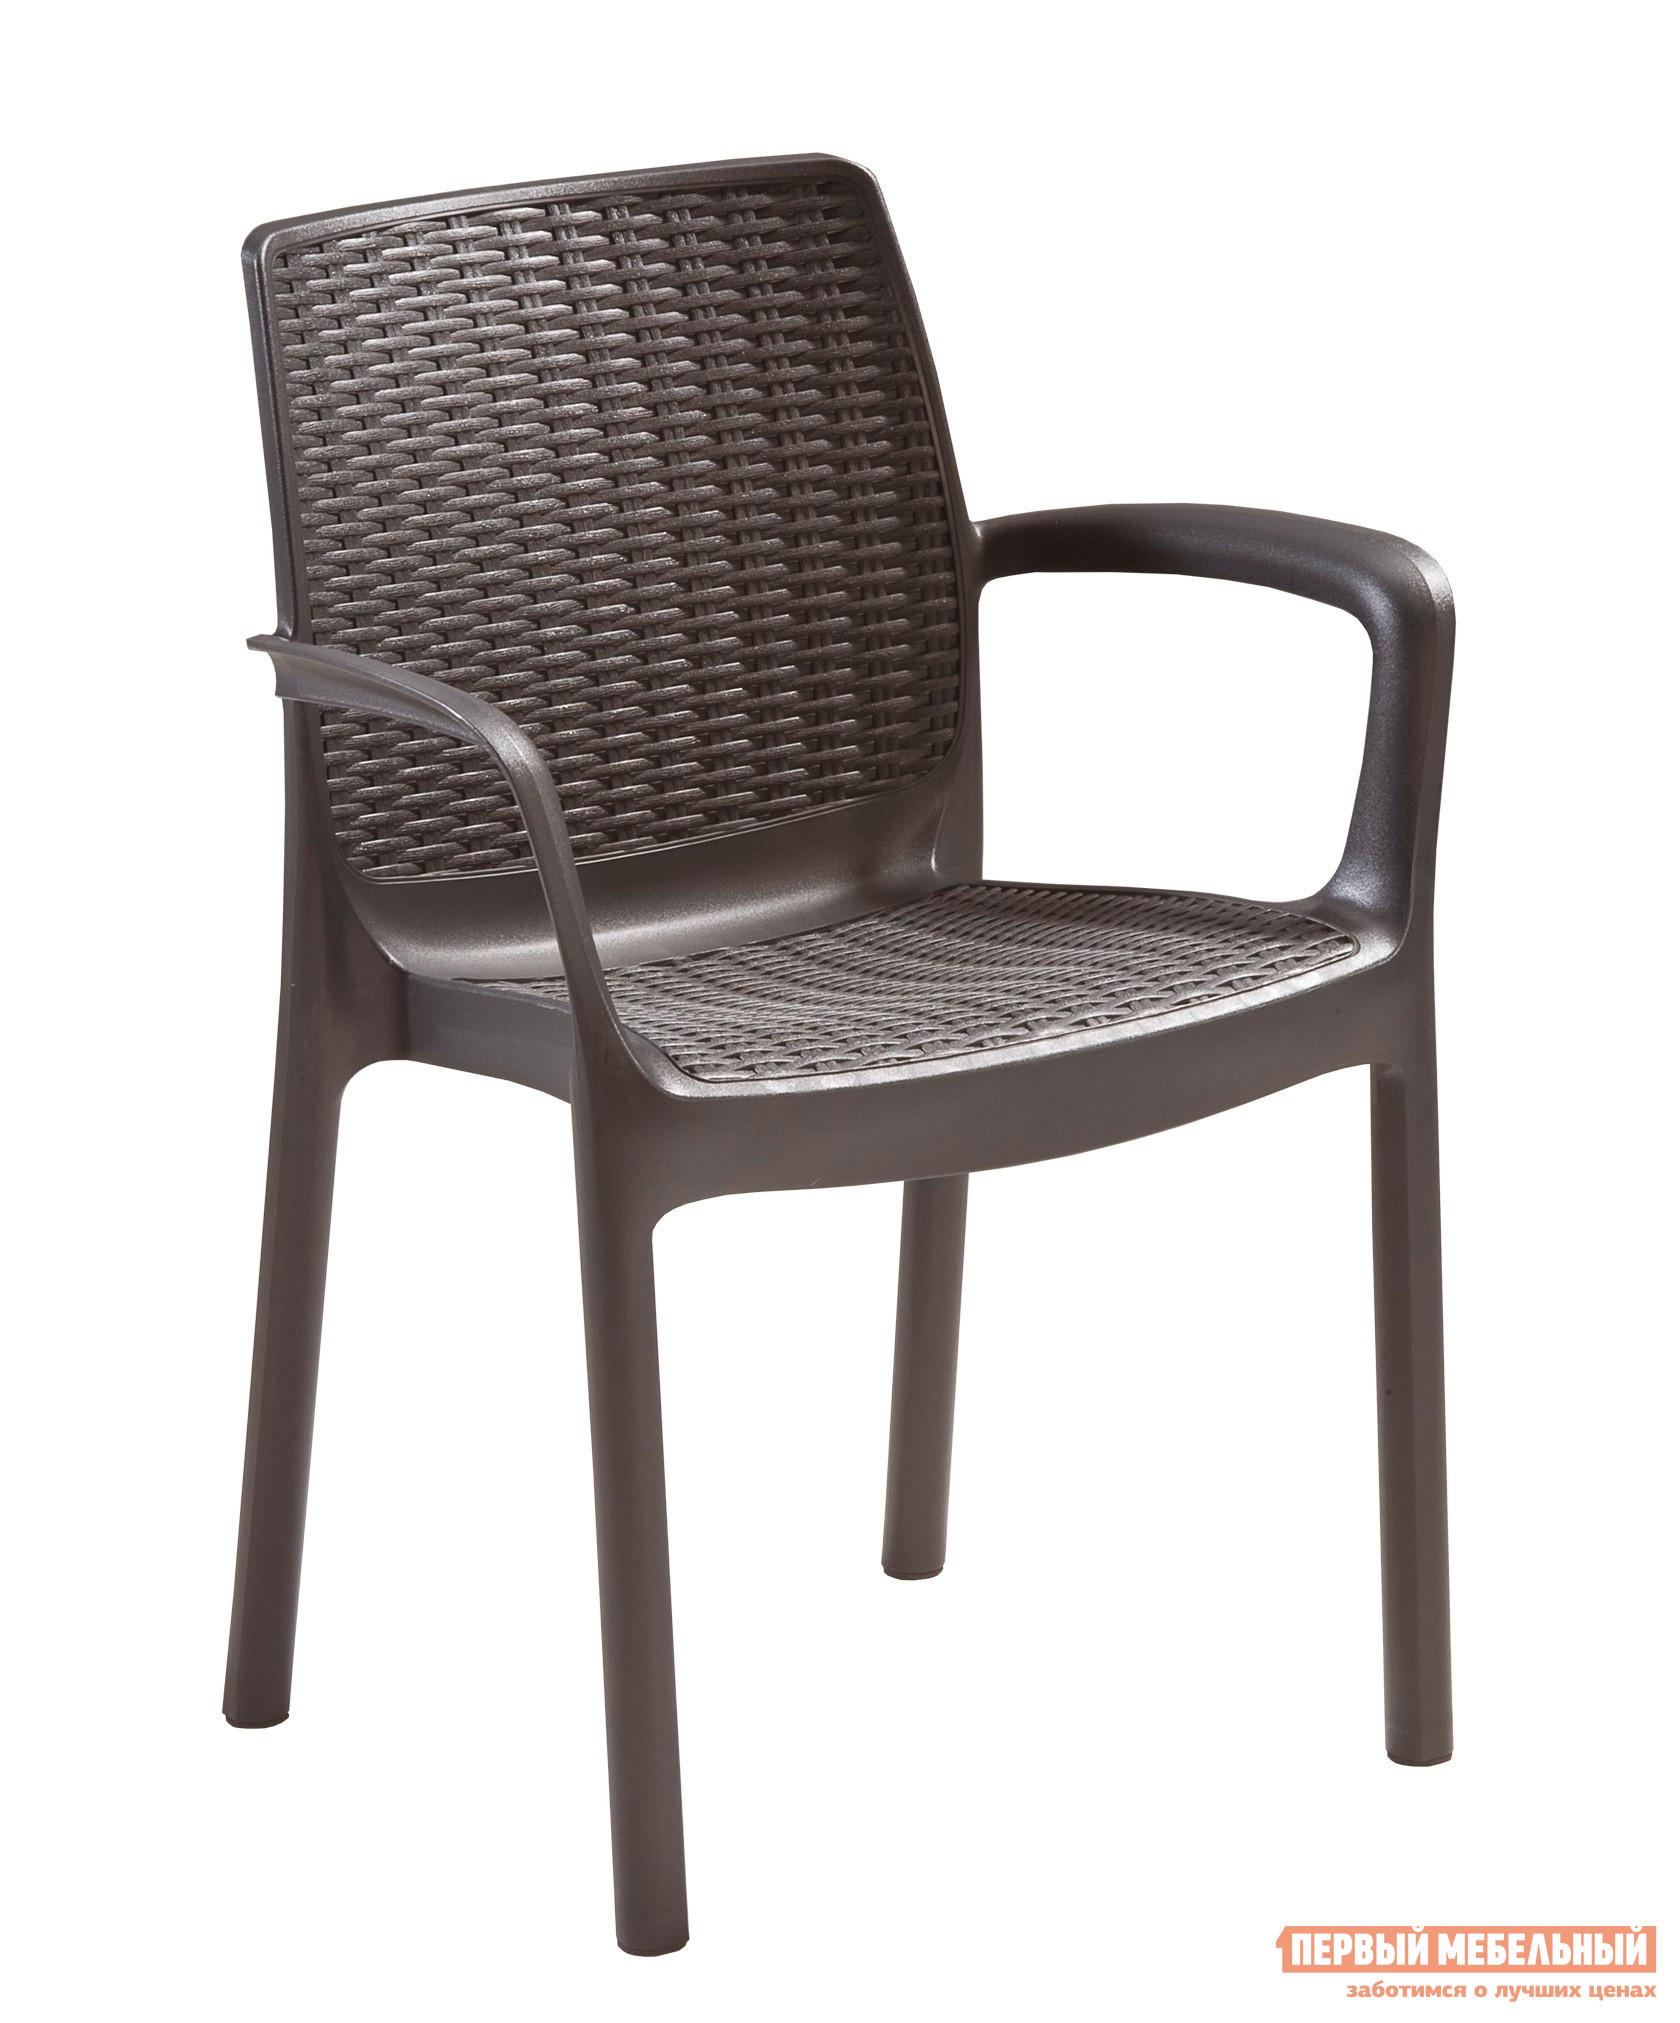 Плетеный стул Keter Bali Mono 17190206 prorab 6401 нк